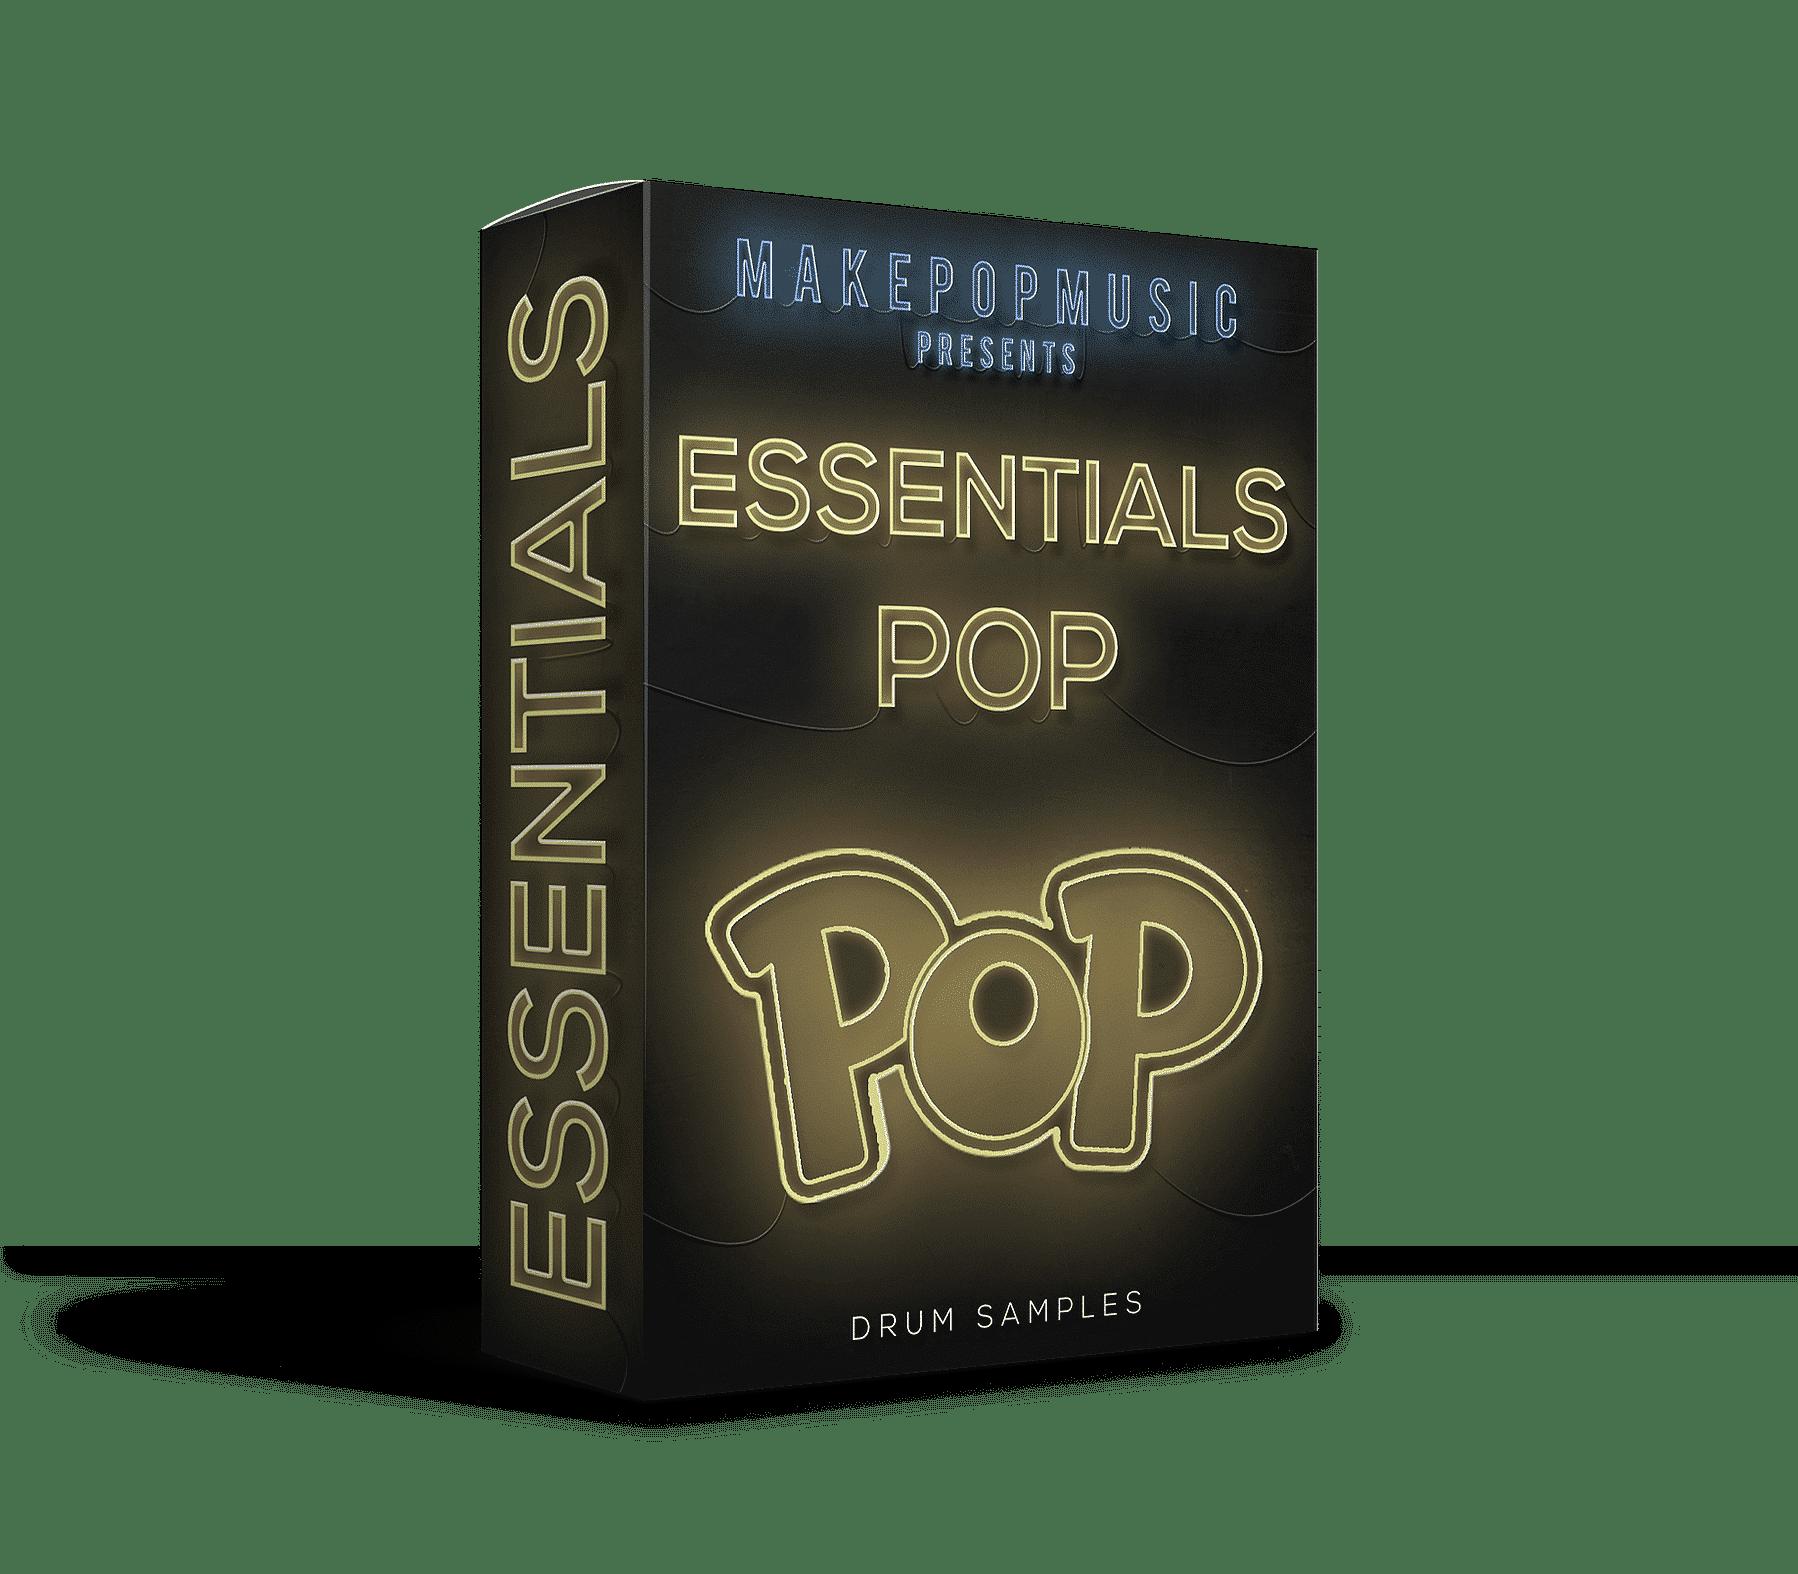 Make Pop Music – Essentials Pop